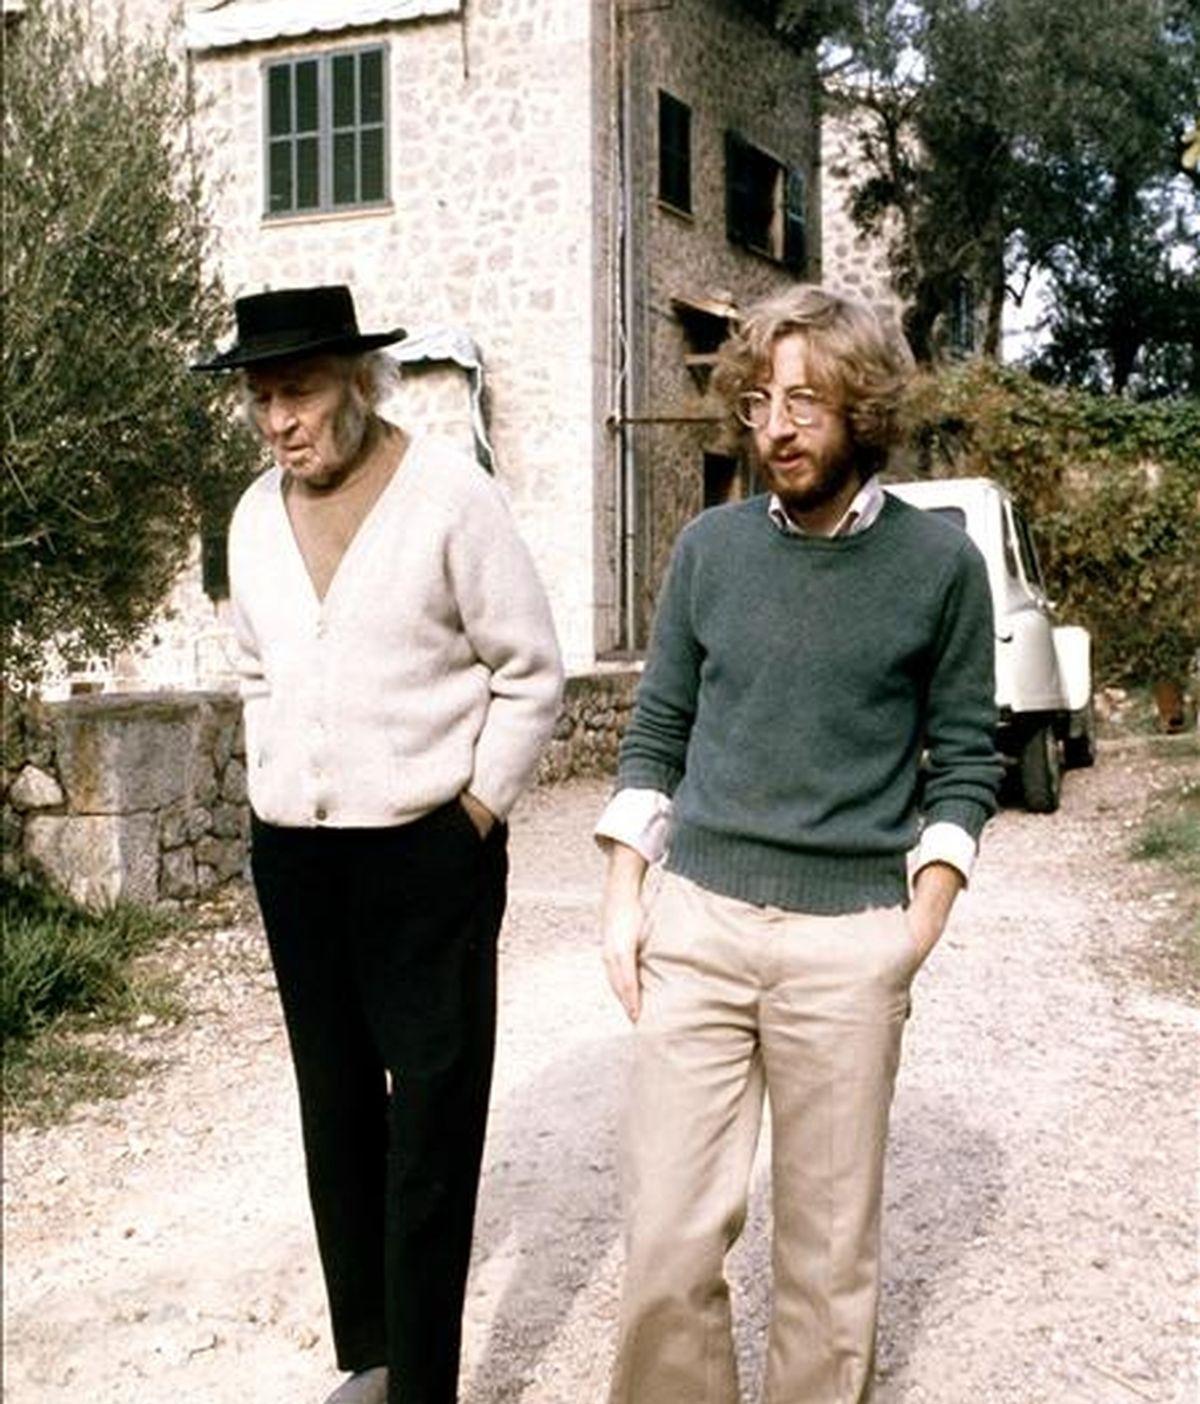 """El poeta inglés autor de """"Yo, Claudio"""", Robert Graves (iz), acompañado de un familiar en la que fue durante muchos años su residencia en España, ubicada en Deia, Mallorca. EFE/Archivo"""